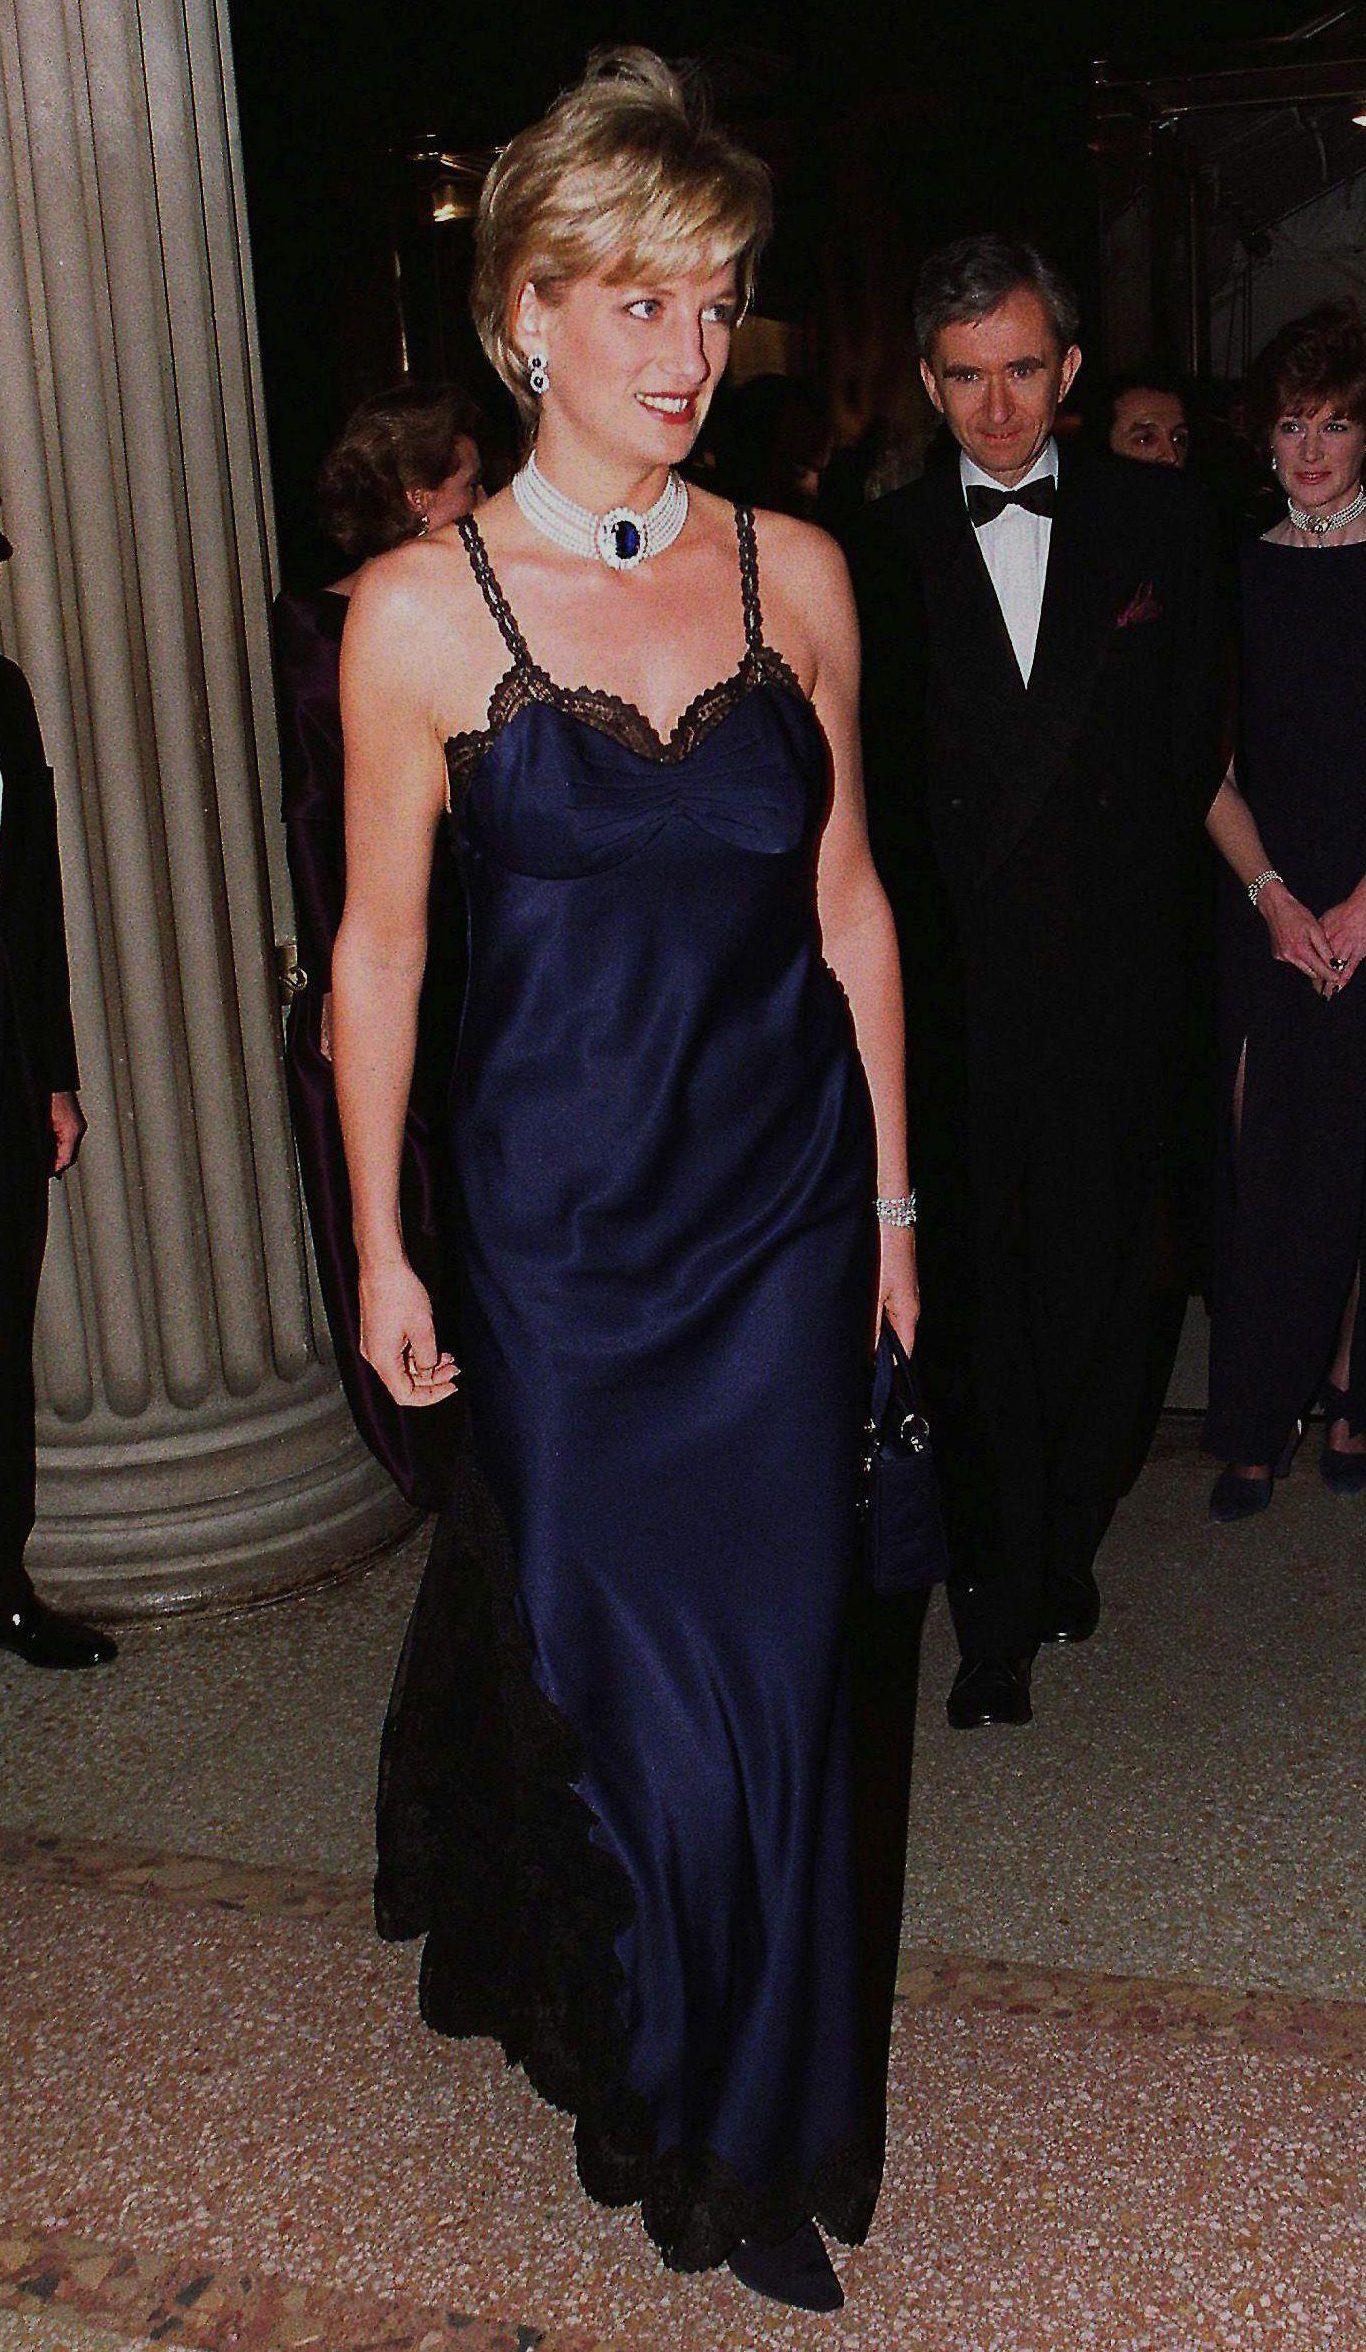 công nương Diana Met Gala 1996 slip dress